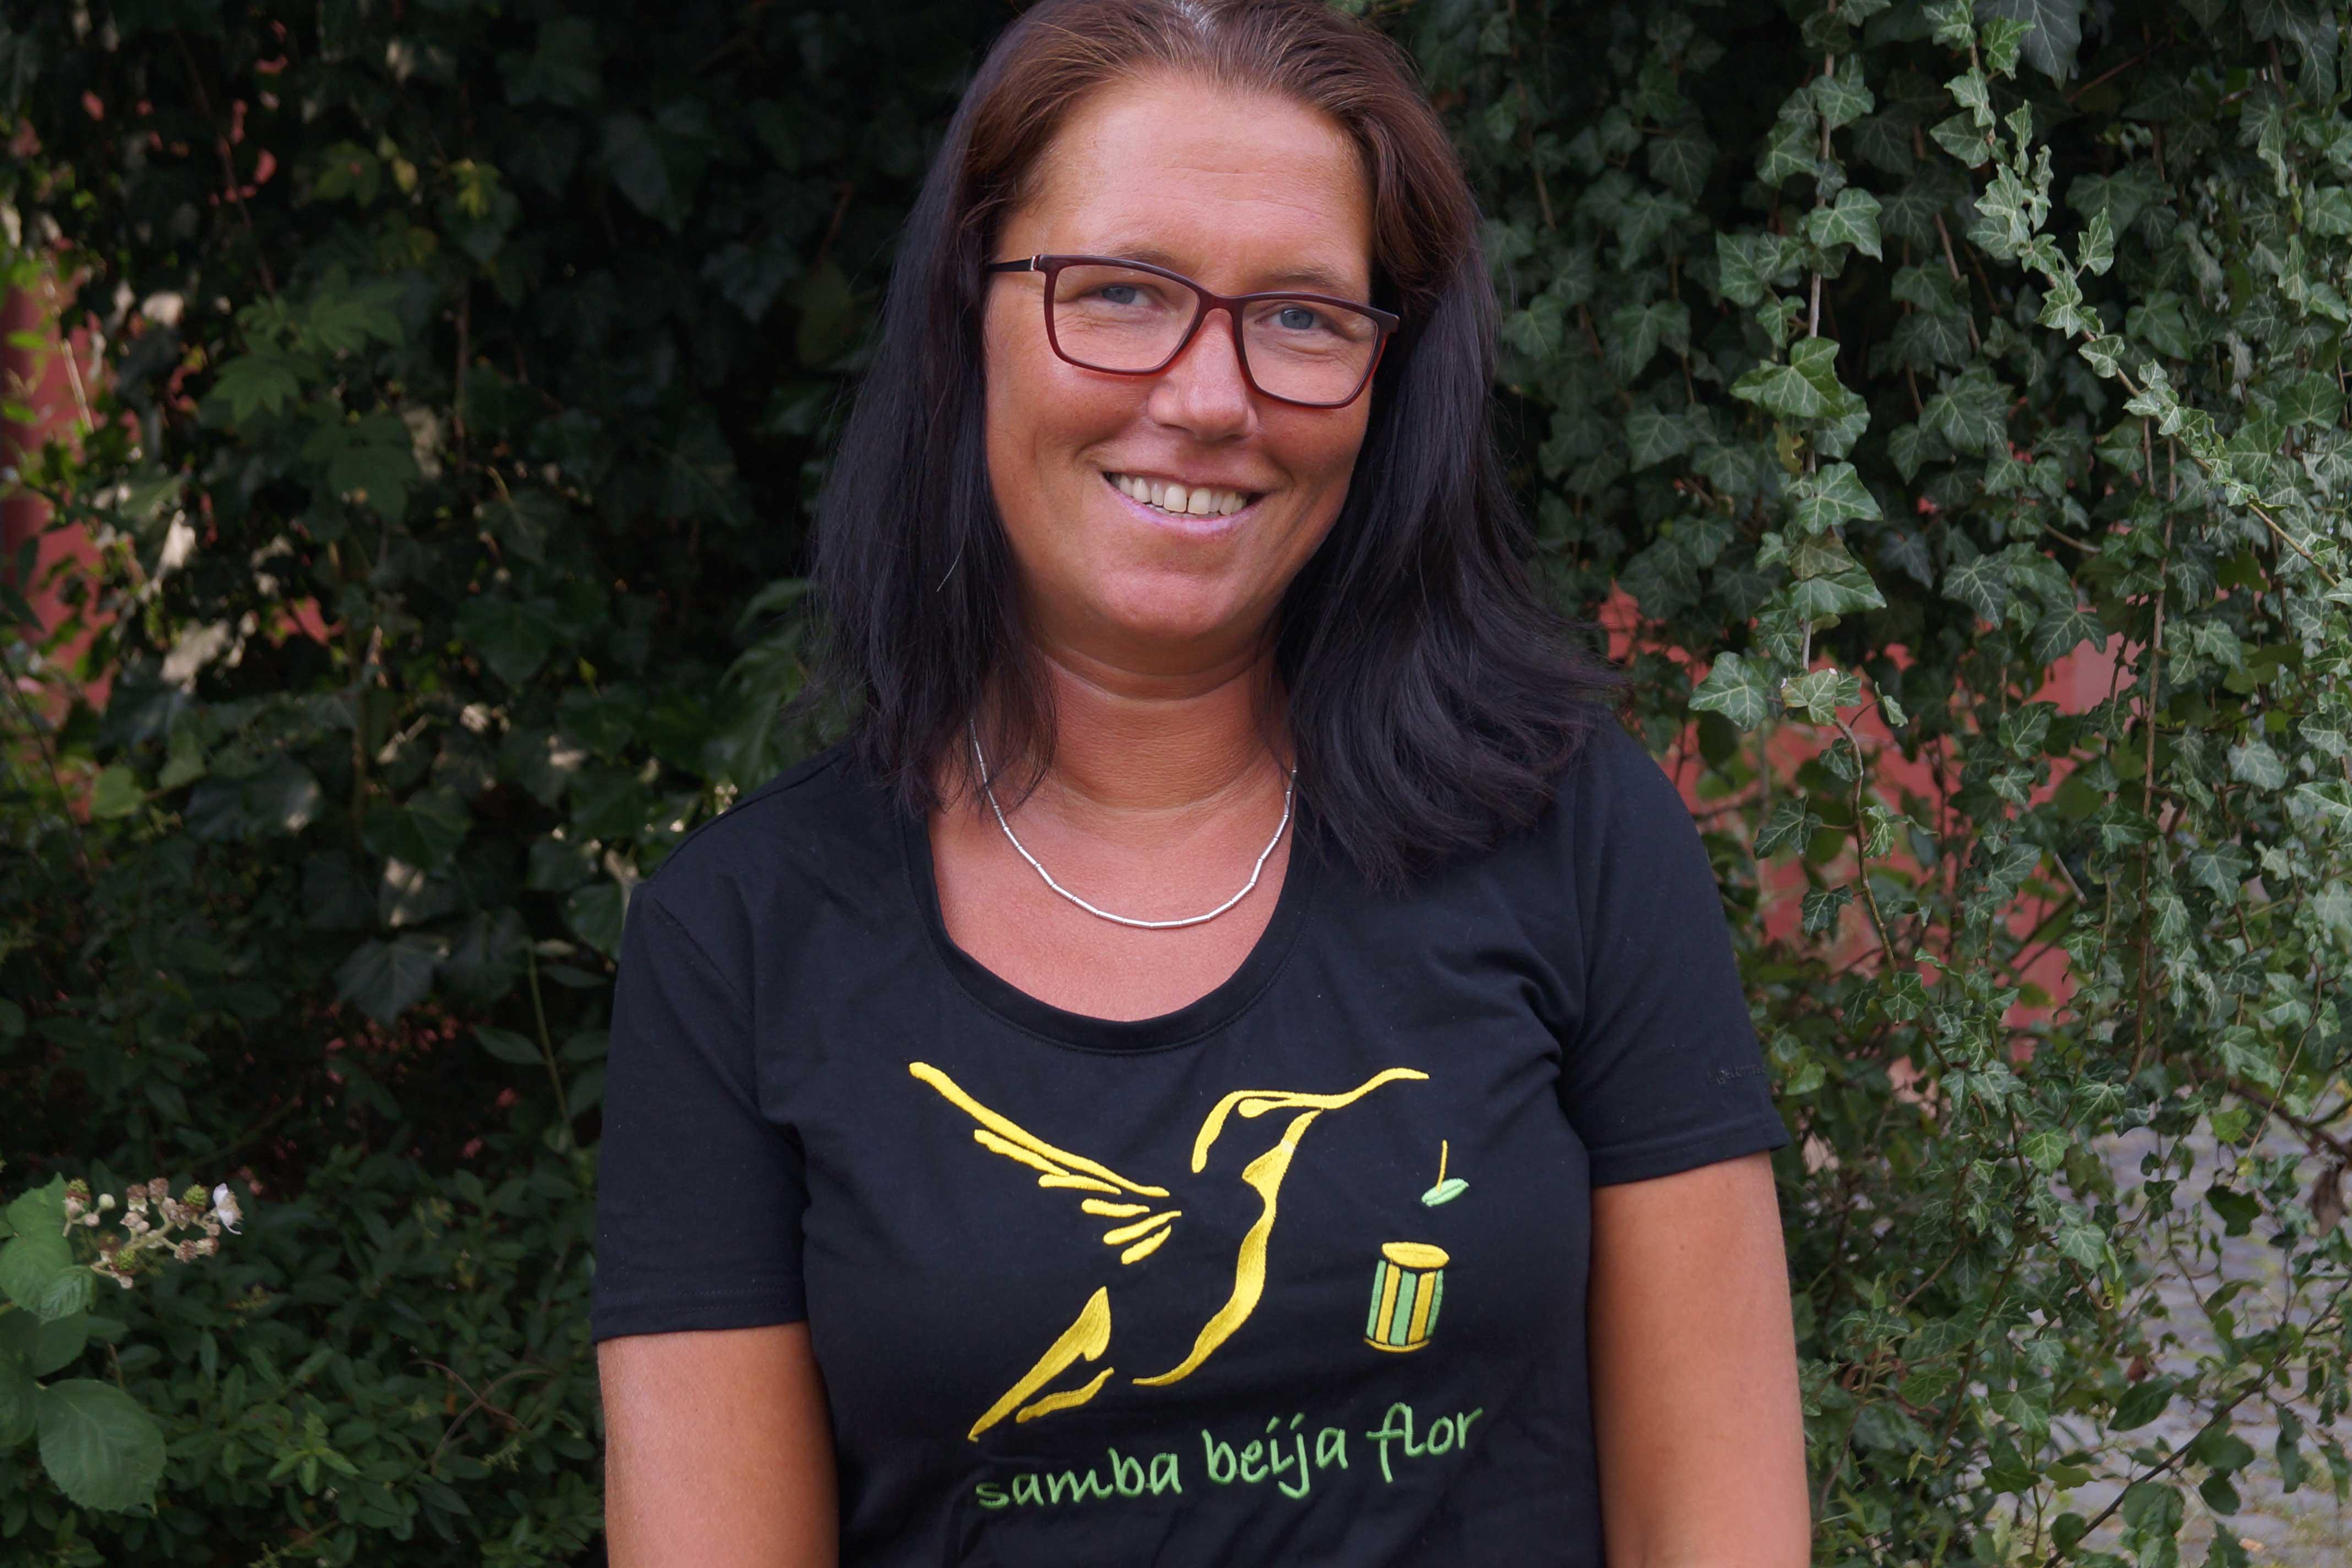 Claudia-Samba-Beija-Flor